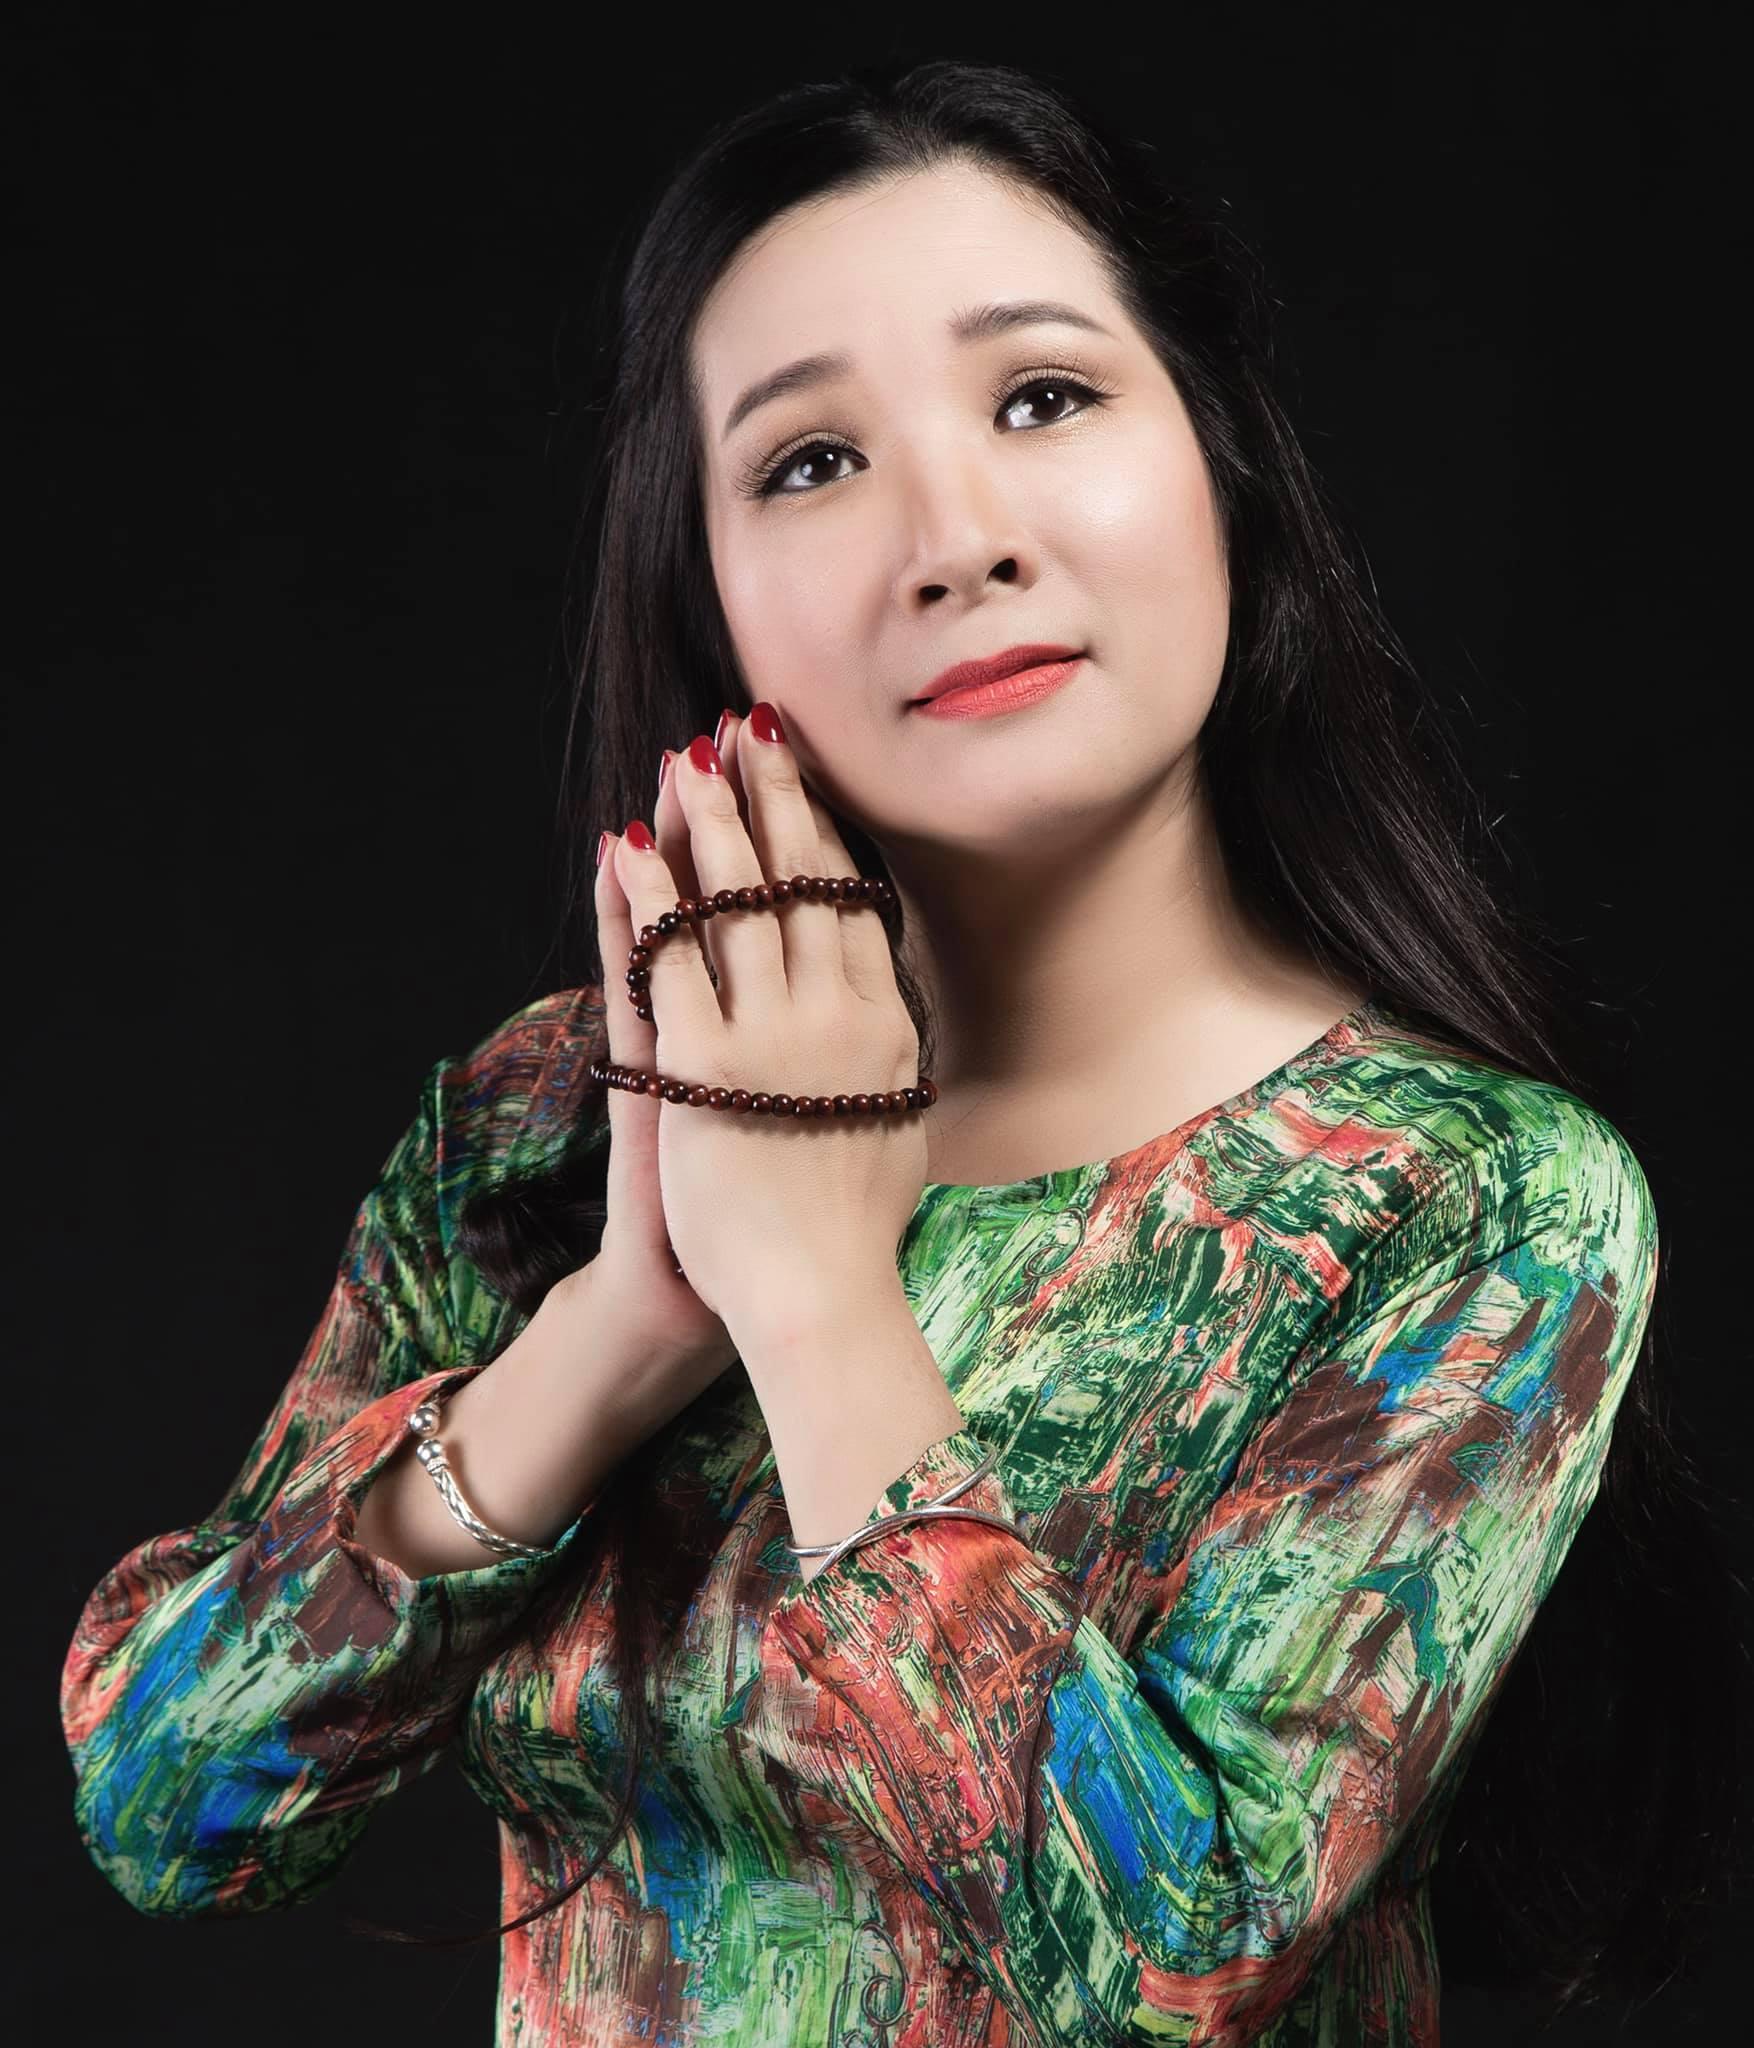 Đông đảo nghệ sĩ gửi lời chúc mừng sinh nhật lần thứ 11 của báo Dân Việt - Ảnh 1.